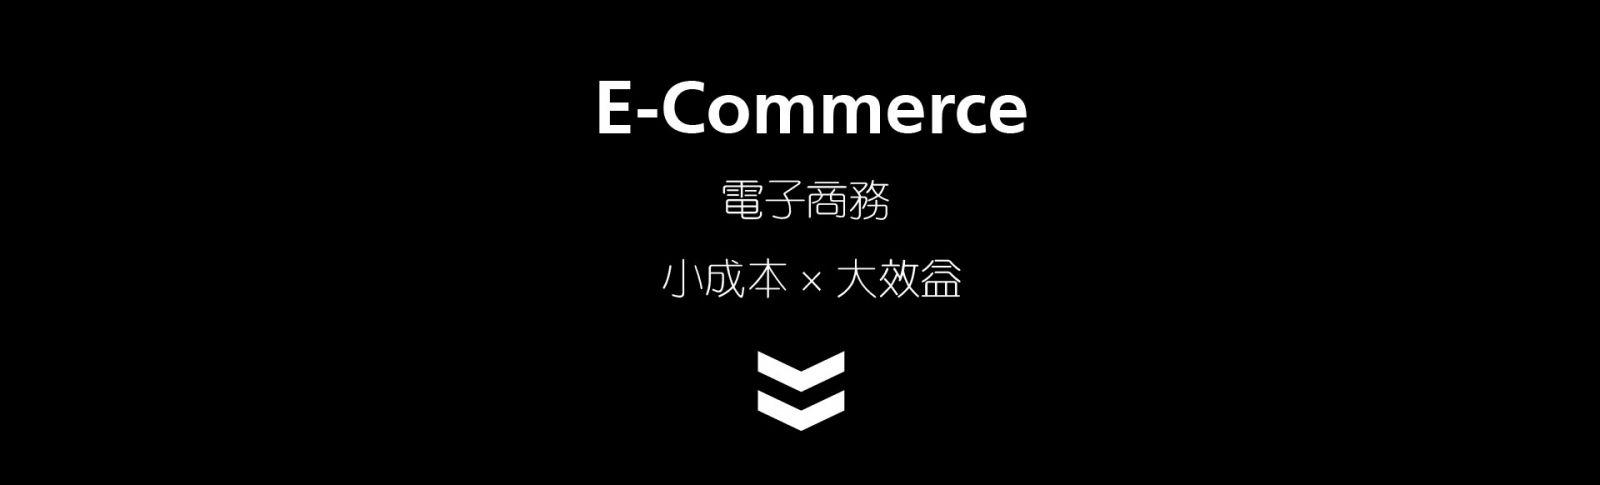 電子商務E-Commerce  小成本 × 大效益 網路開店平台×電子商務系統 全方位掌握您的購物網站 除了提供消費者一個購物平台之外,更建立起企業與企業間的合作基礎,使完整銷售鏈能整合在一購物平台。